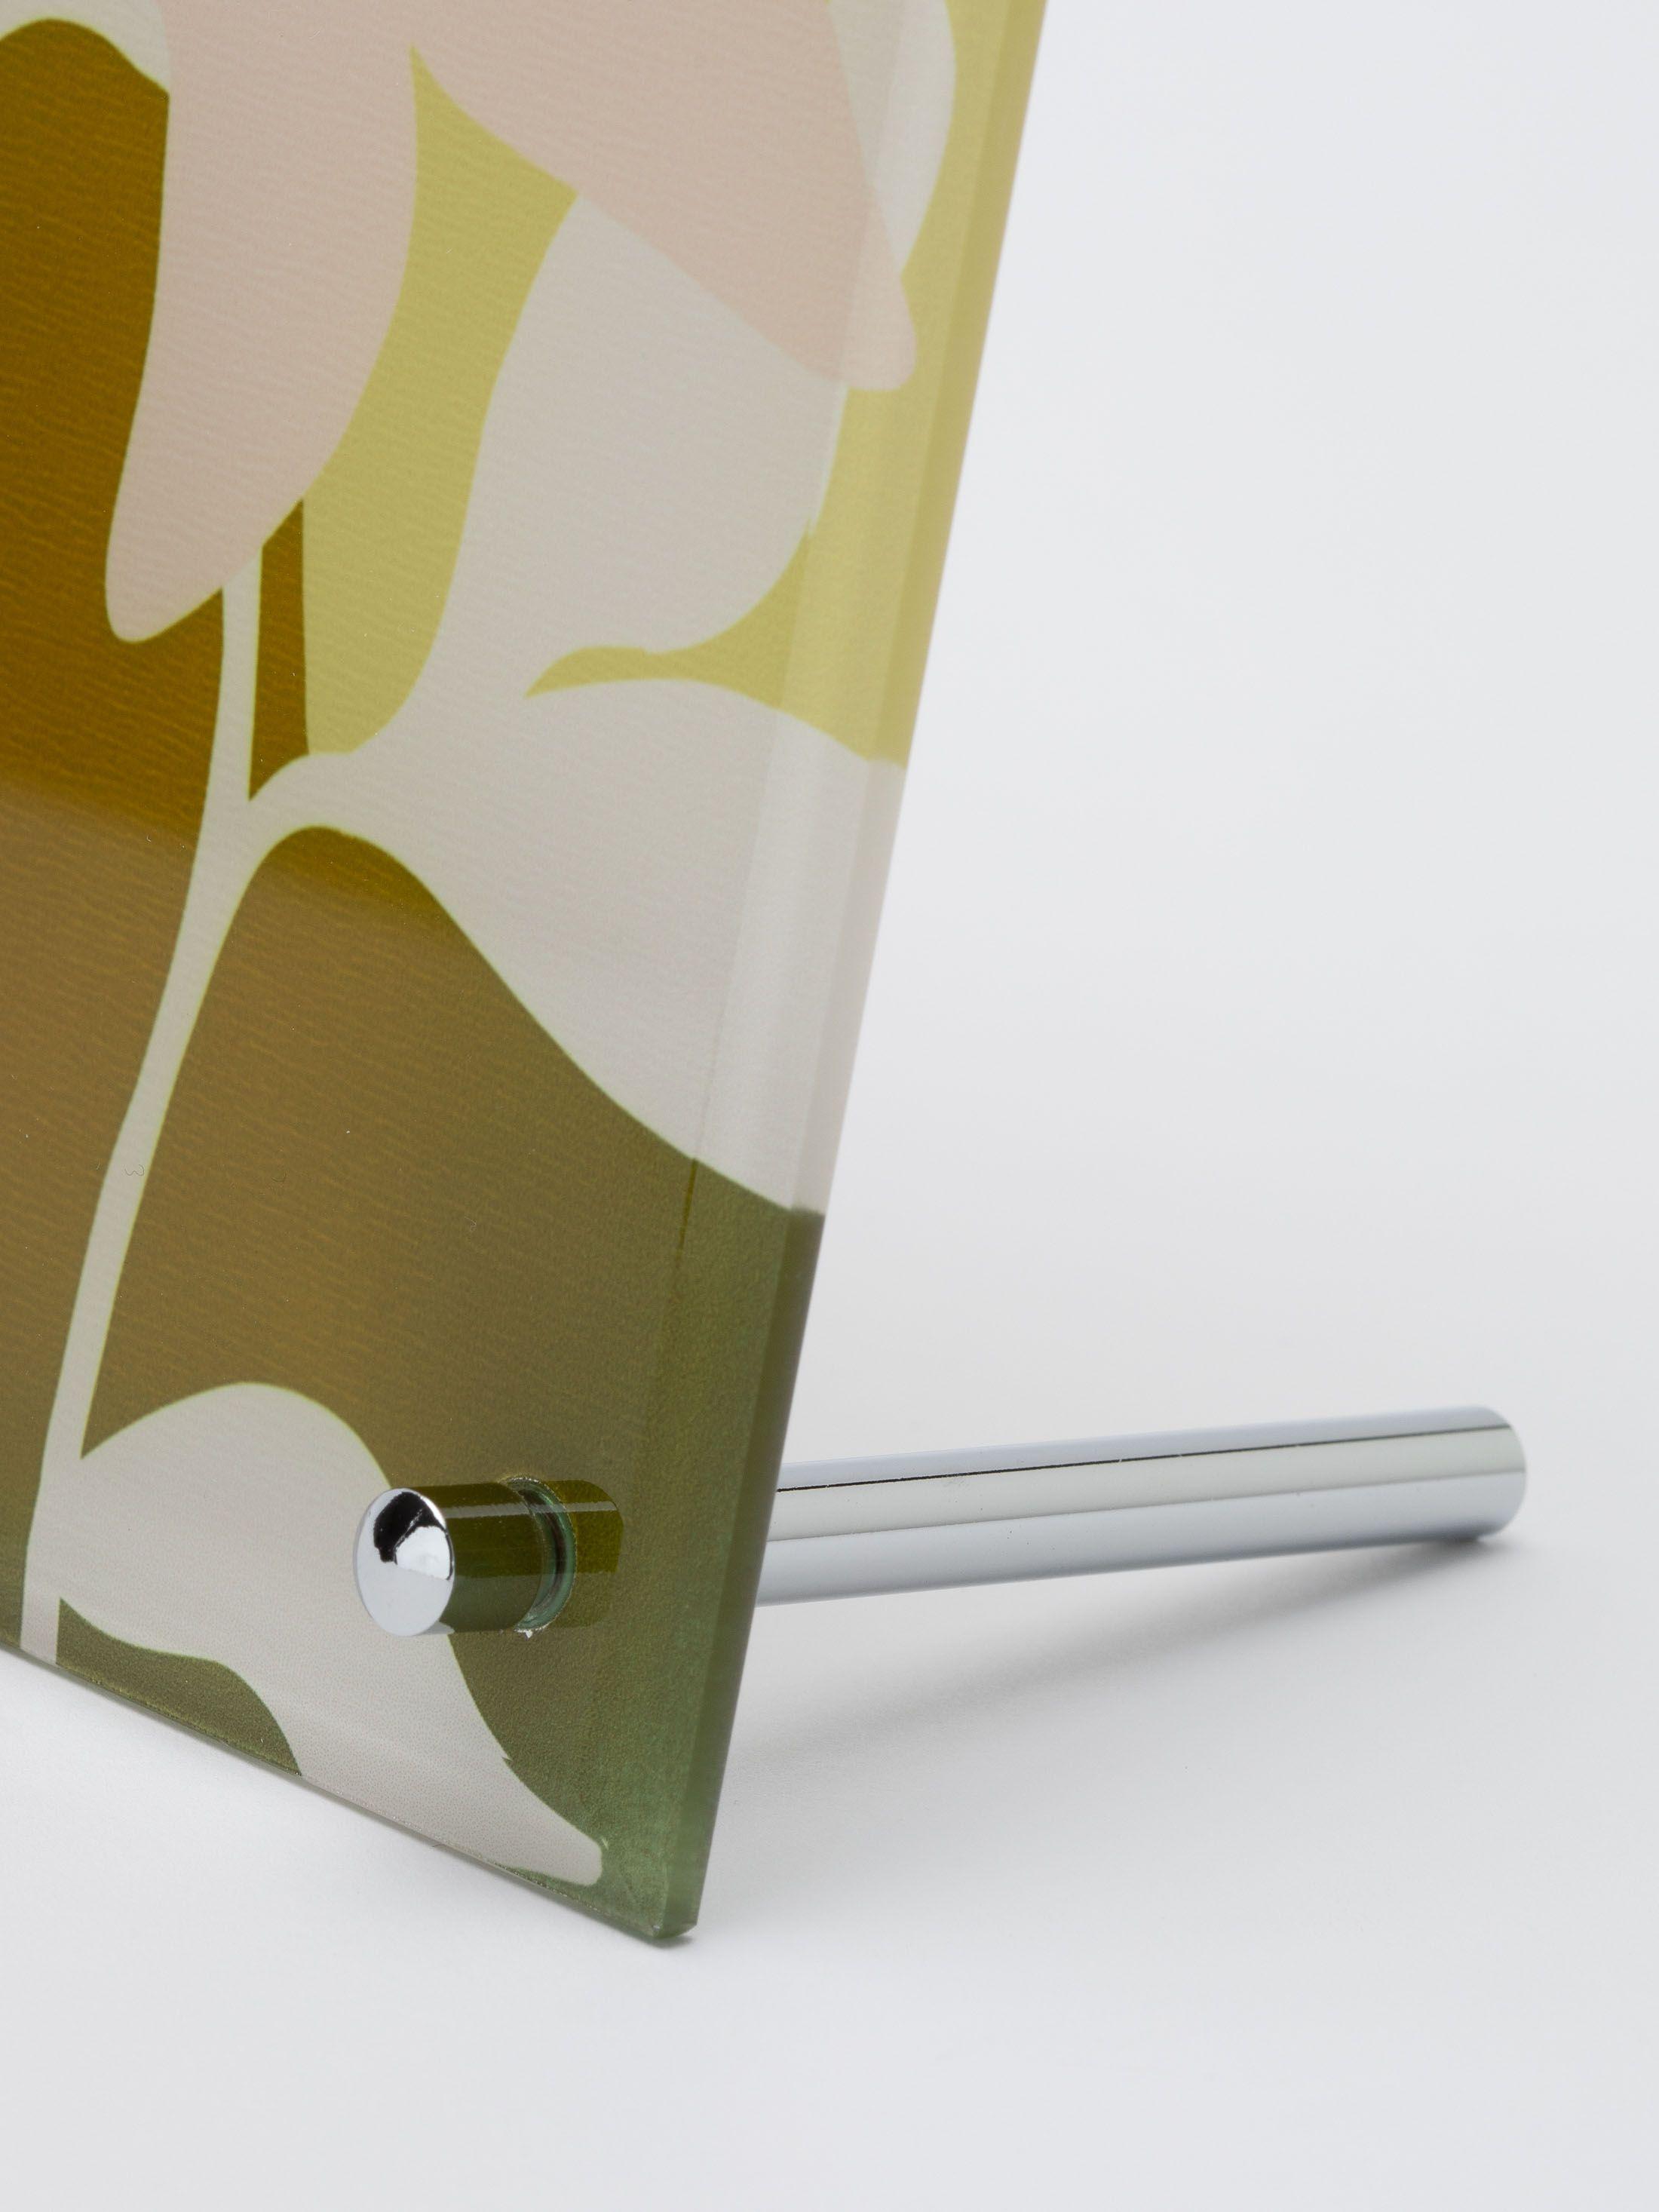 ガラス印刷